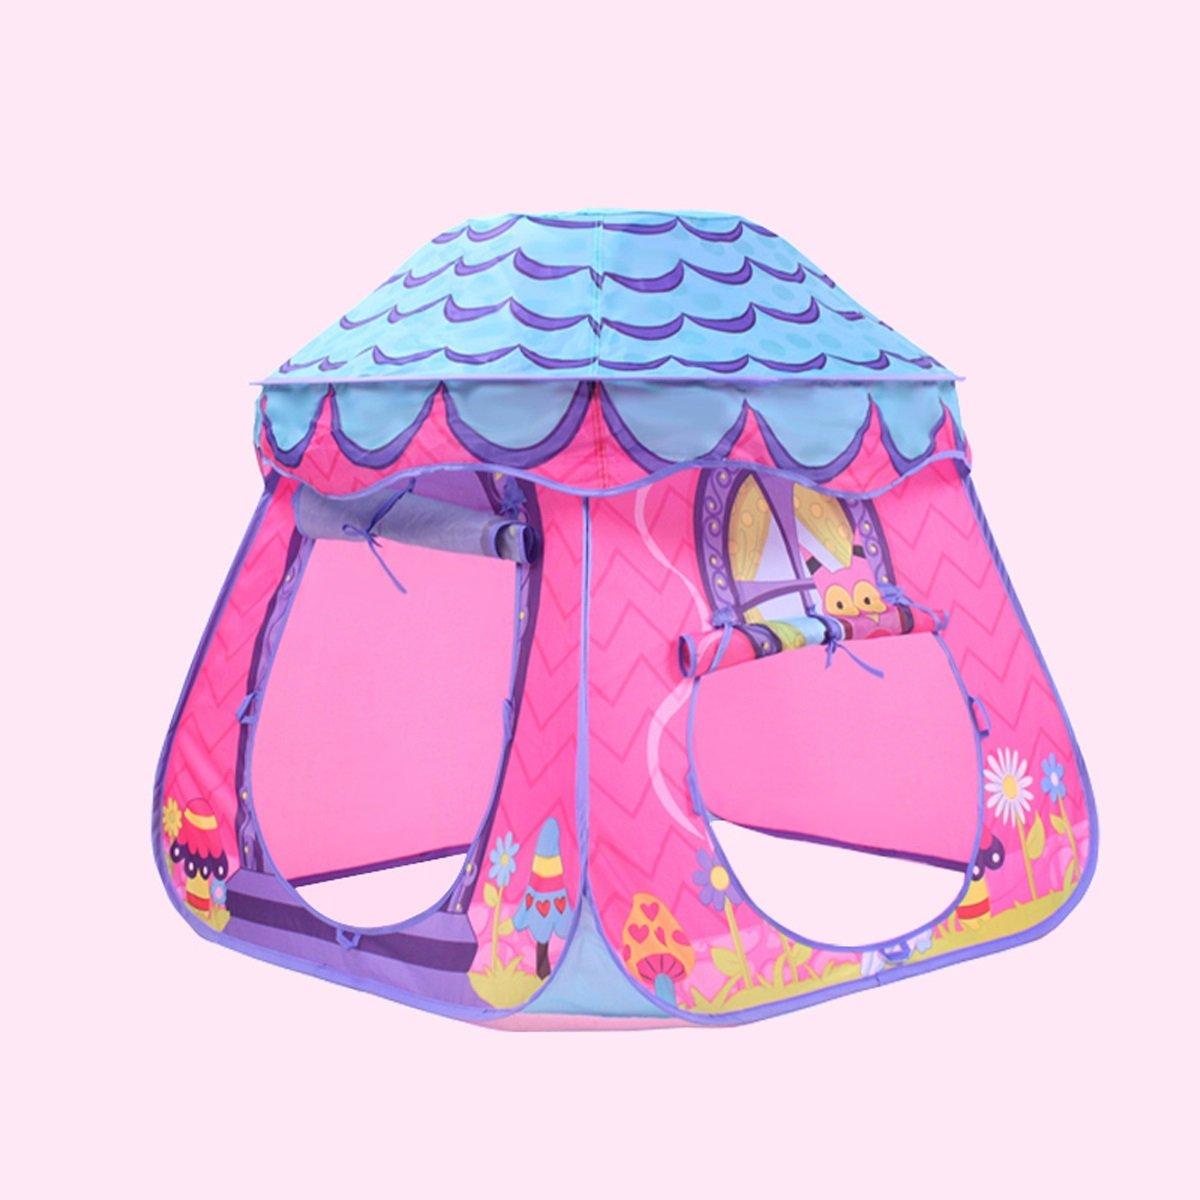 Violet  LIAN Enfants Jouent Tente Pliante Jeu Maison Marine Ball Pool intérieur et extérieur Champignon Tunnel (Bleu, Violet, Jaune 87  87  88 cm Emballage DE 1) (Couleur   Violet)